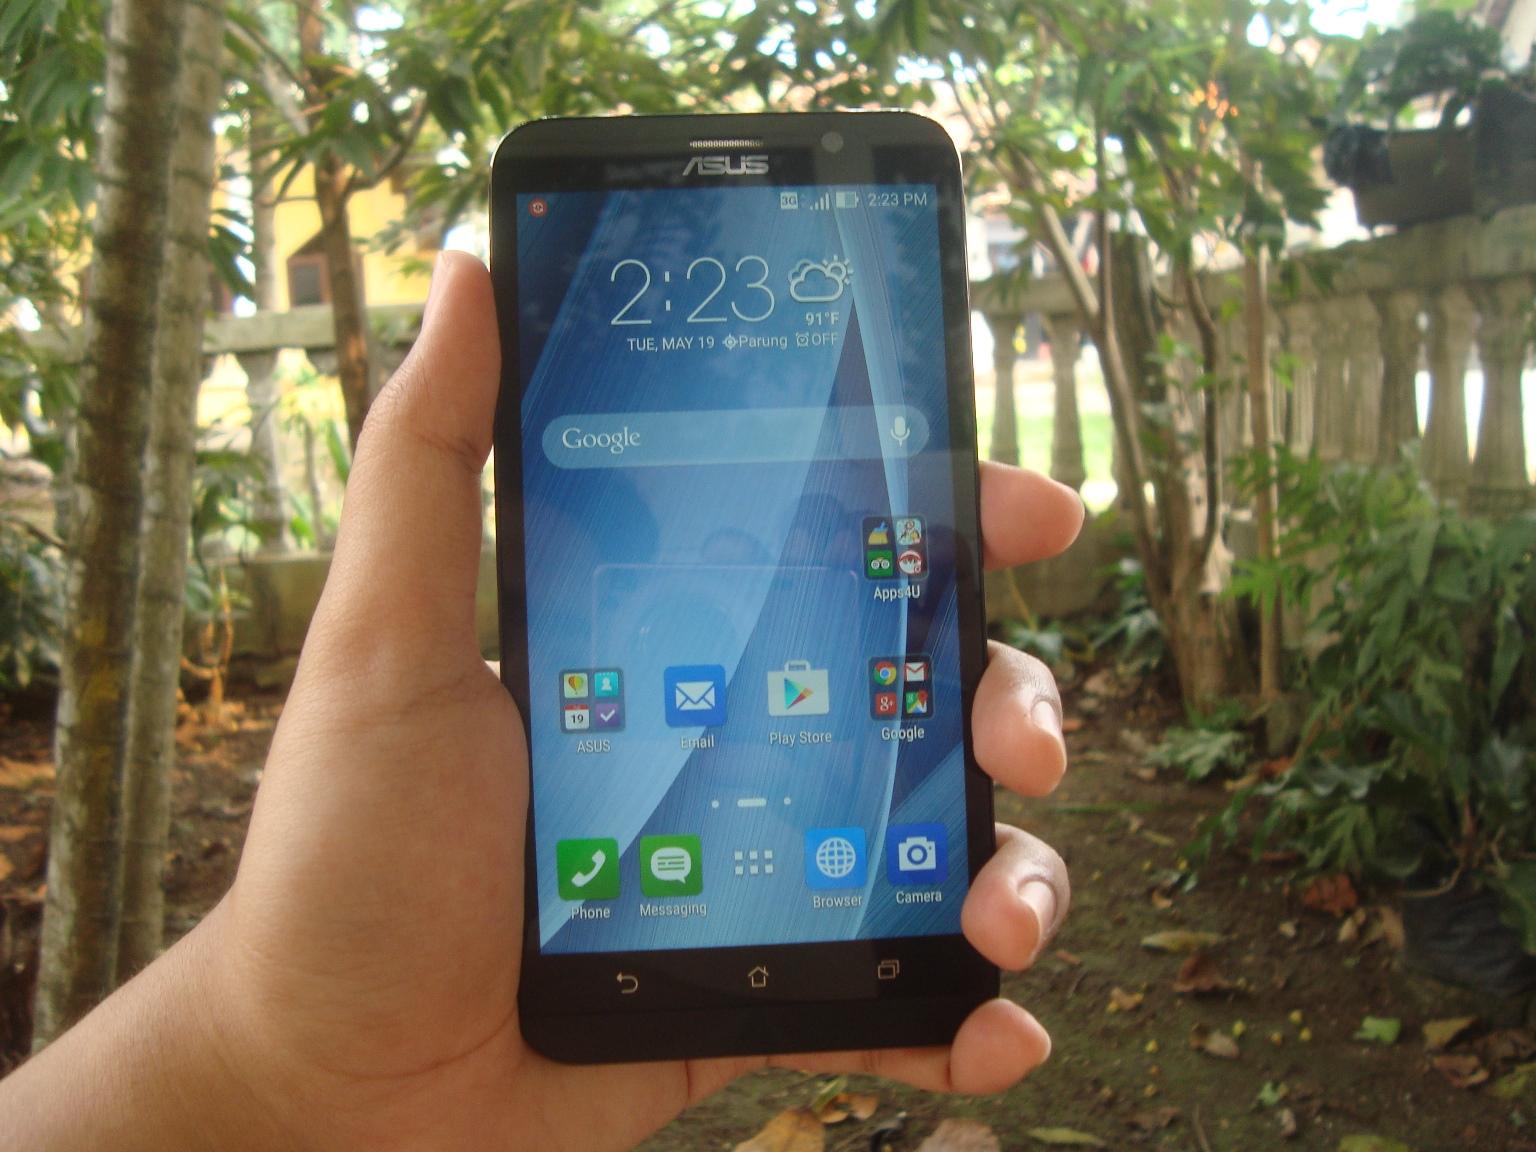 Hellomojo Asus Zenfone 2 Ze551ml 2gb Fitur Kumplit Performa 16 Ada Dua Faktor Yang Membuat Saya Tertarik Untuk Membeli Smartphone Flagship Dari Kali Ini Pertama Ramai Dibicarakan Di Banyak Tempat